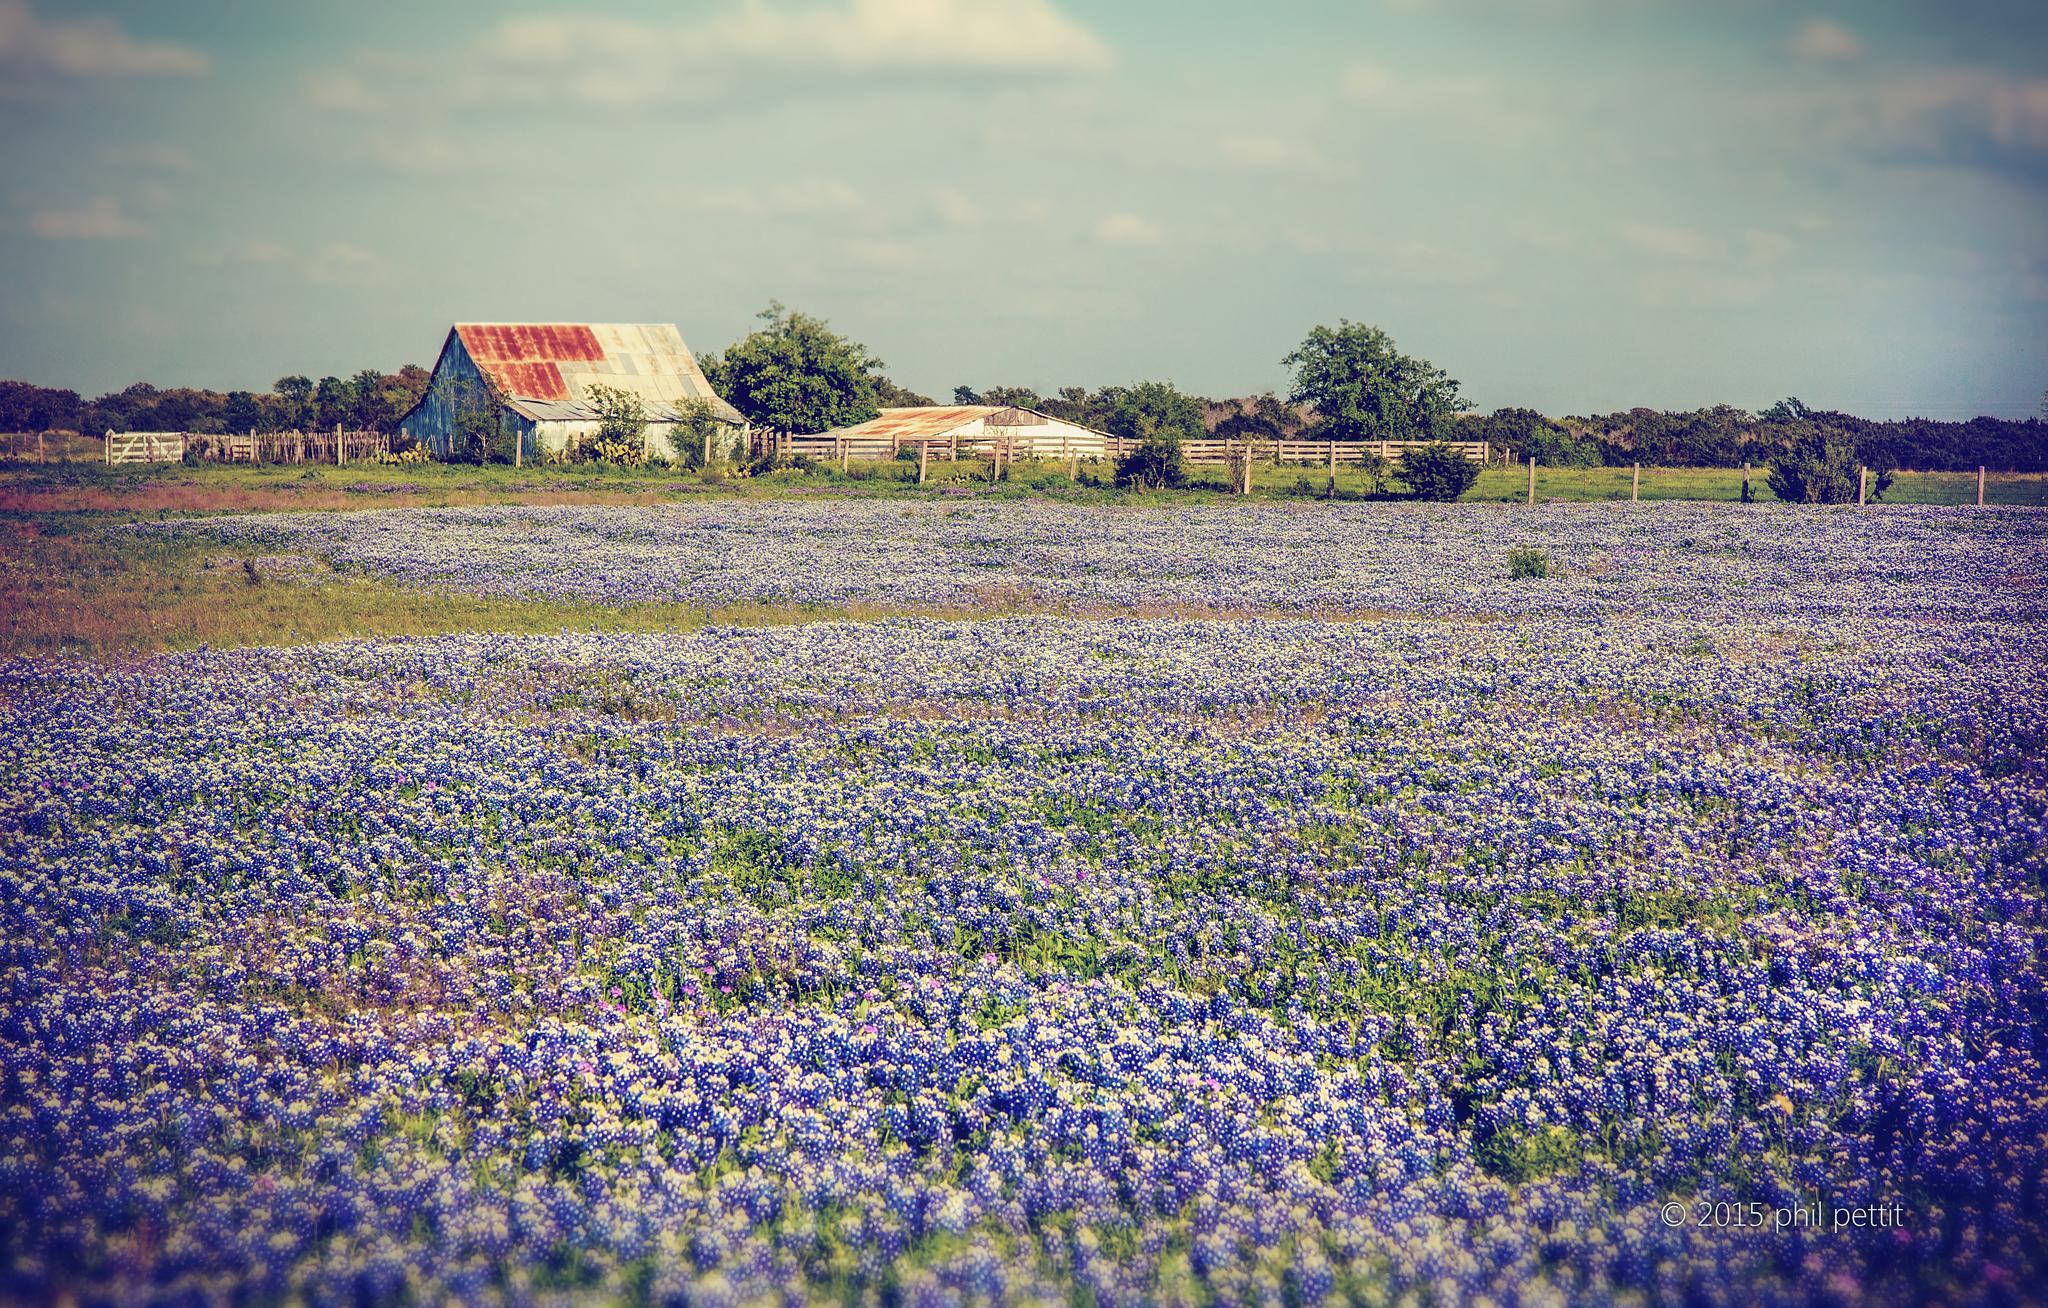 field of bluebonnets by phil.pettit